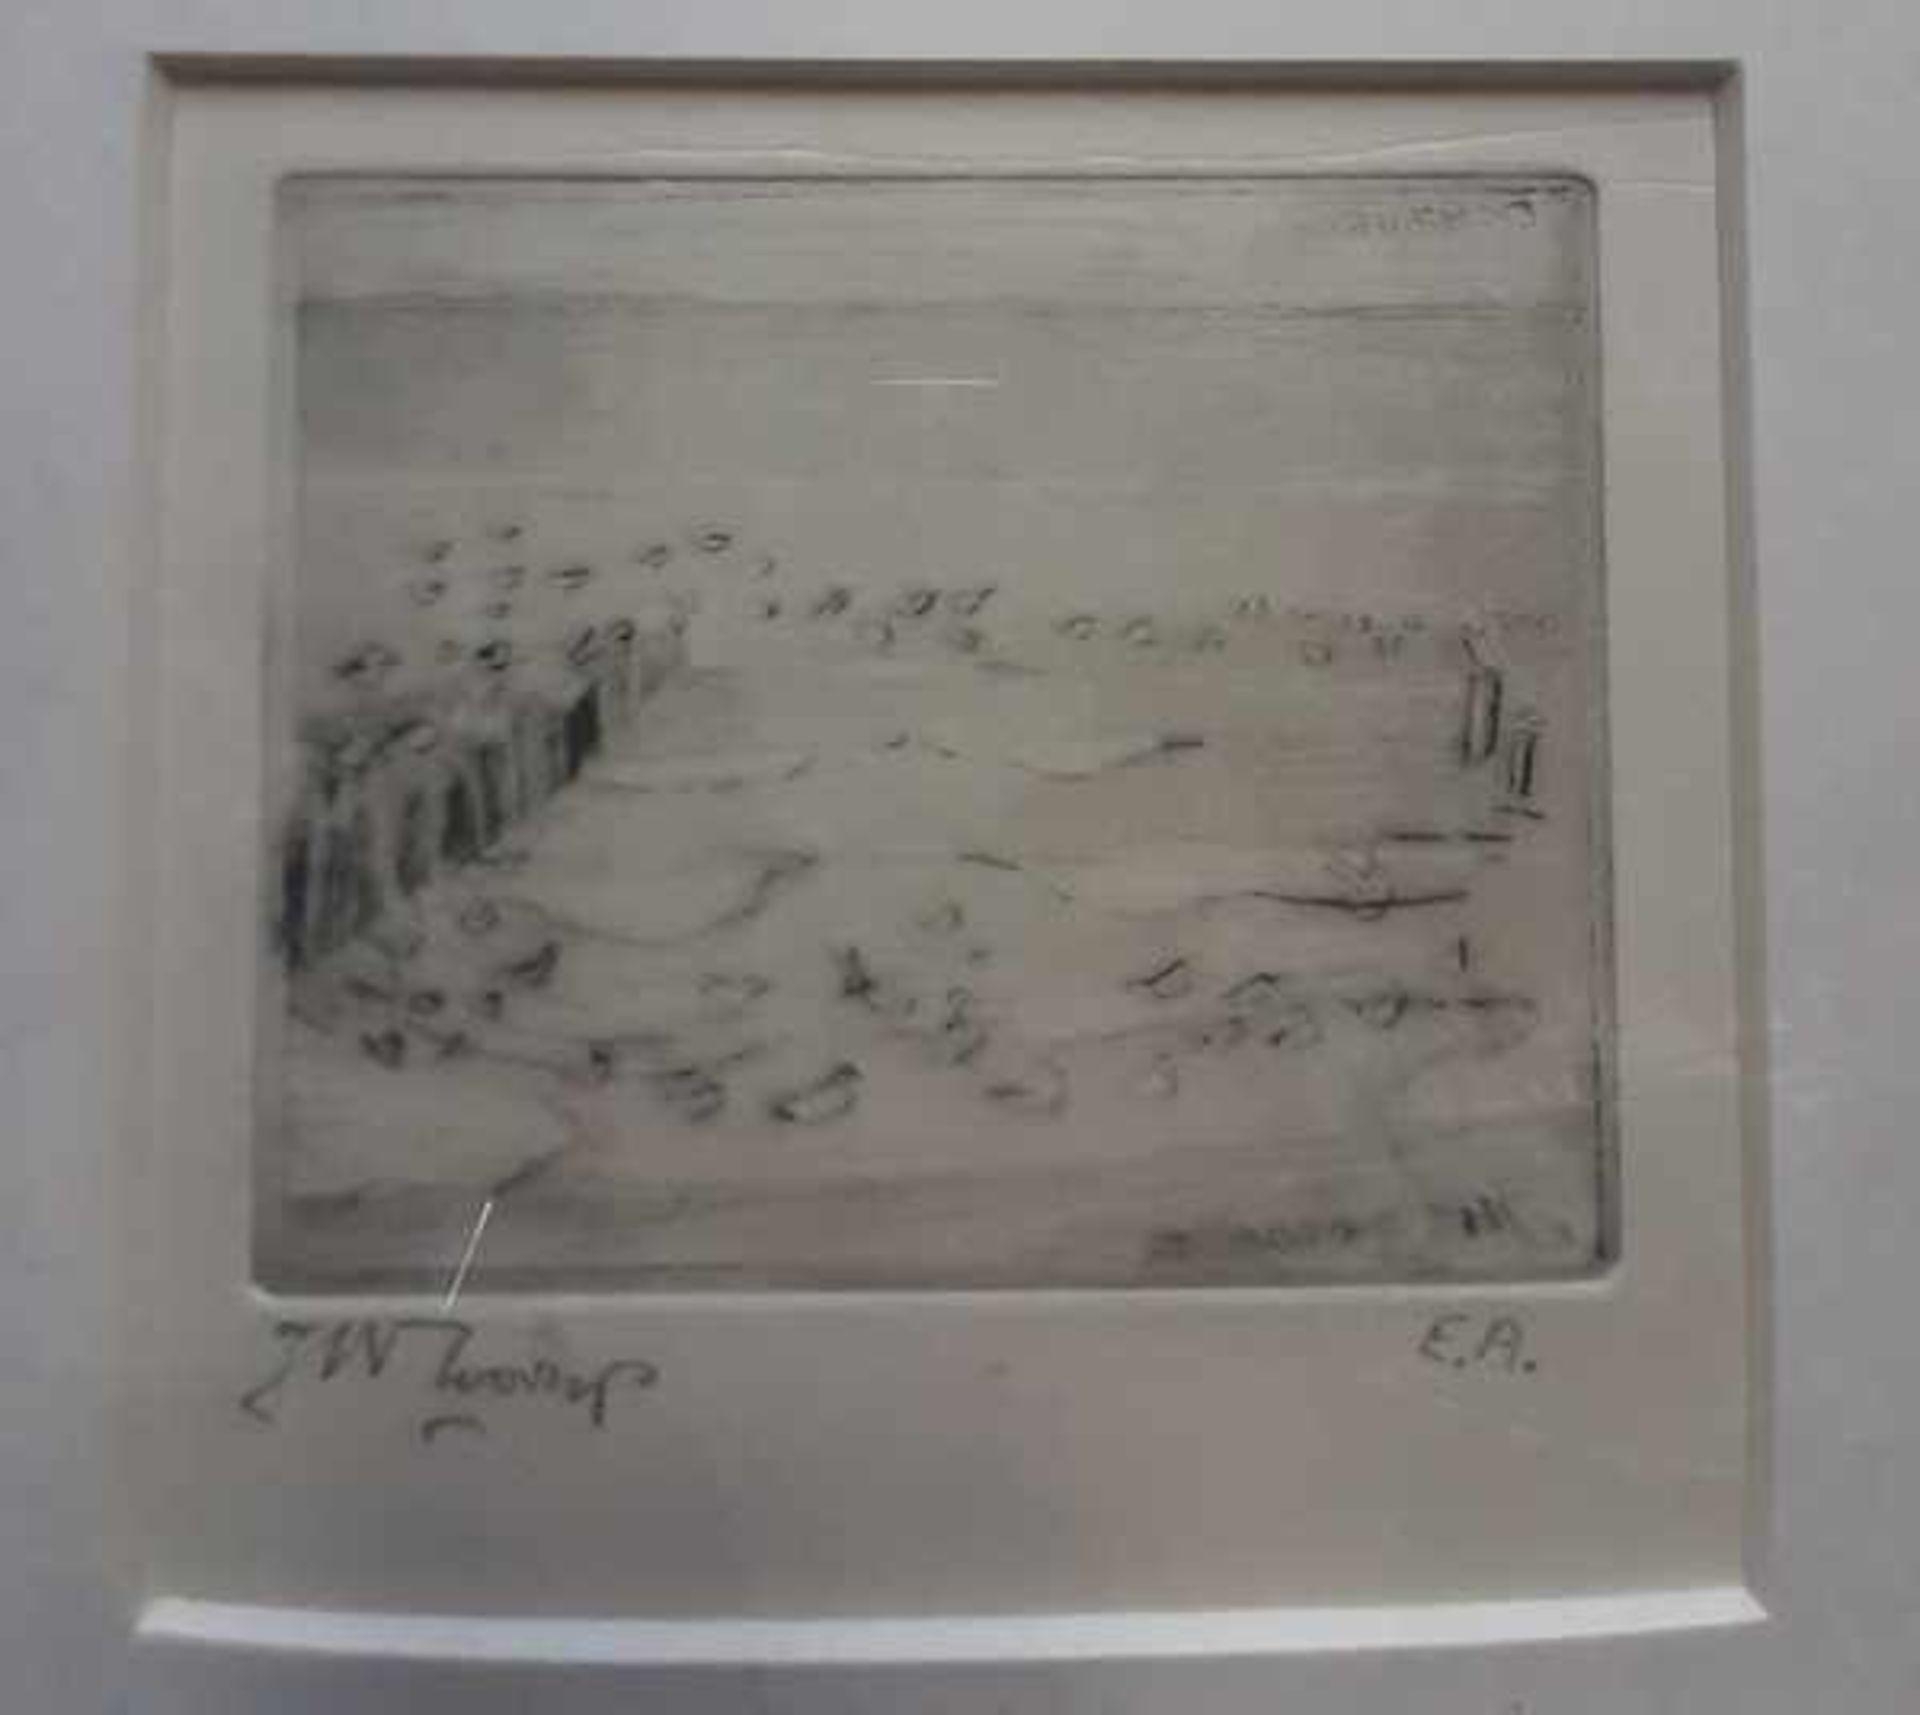 Los 290 - (Kunst) Ets, Jan Toorop